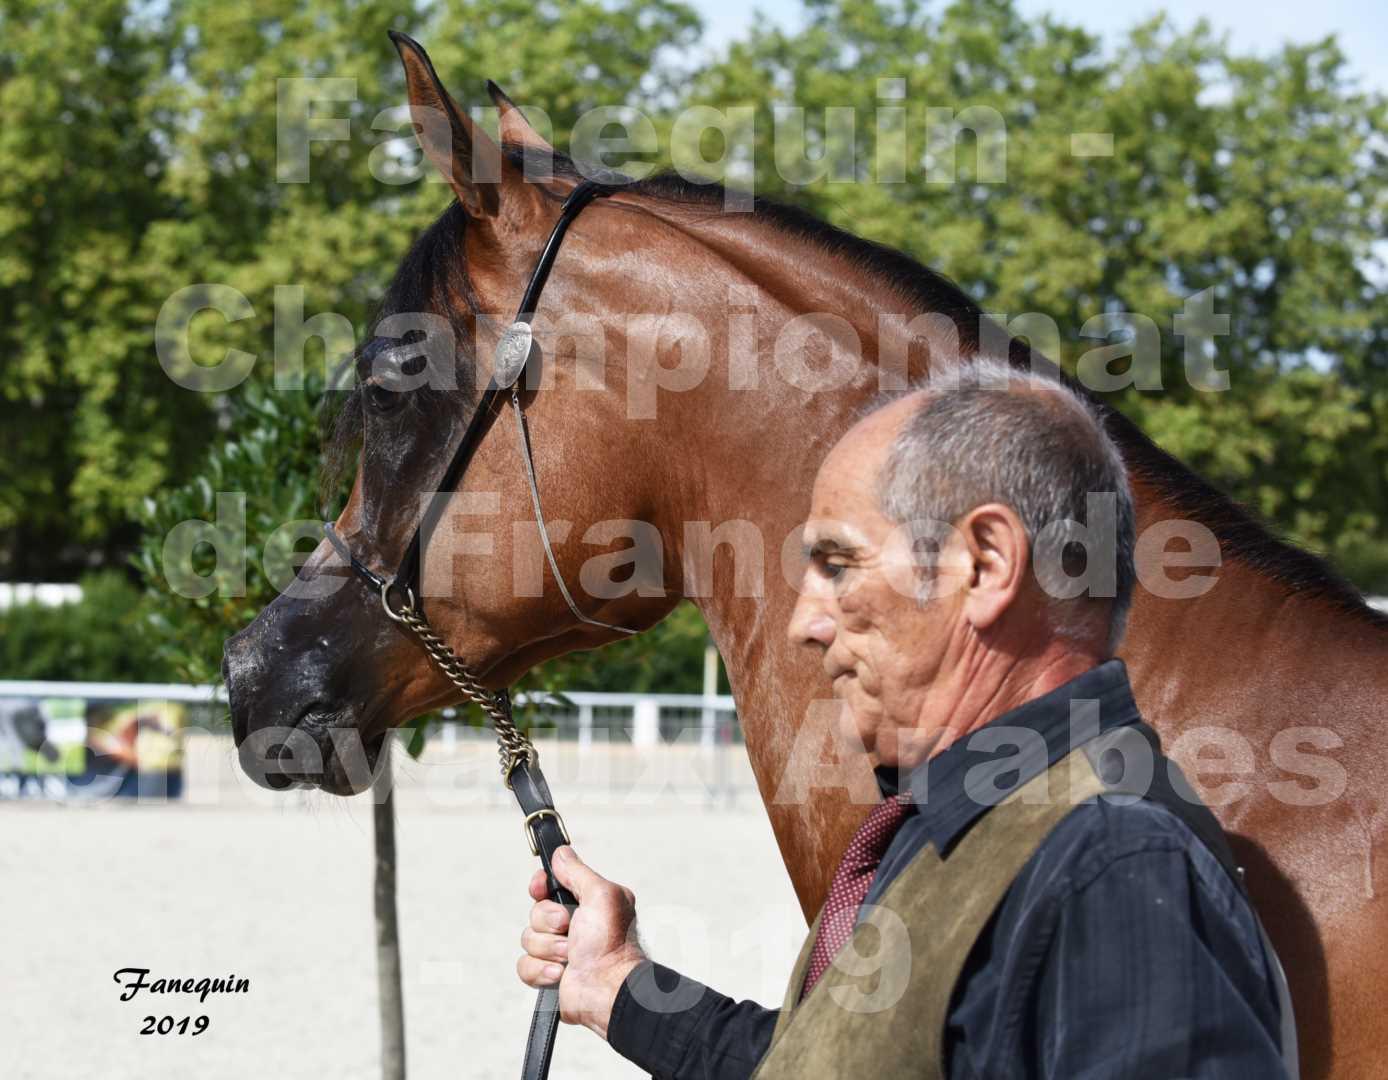 Championnat de France des chevaux Arabes en 2019 à VICHY - SH CHARISMA - Portraits - 1